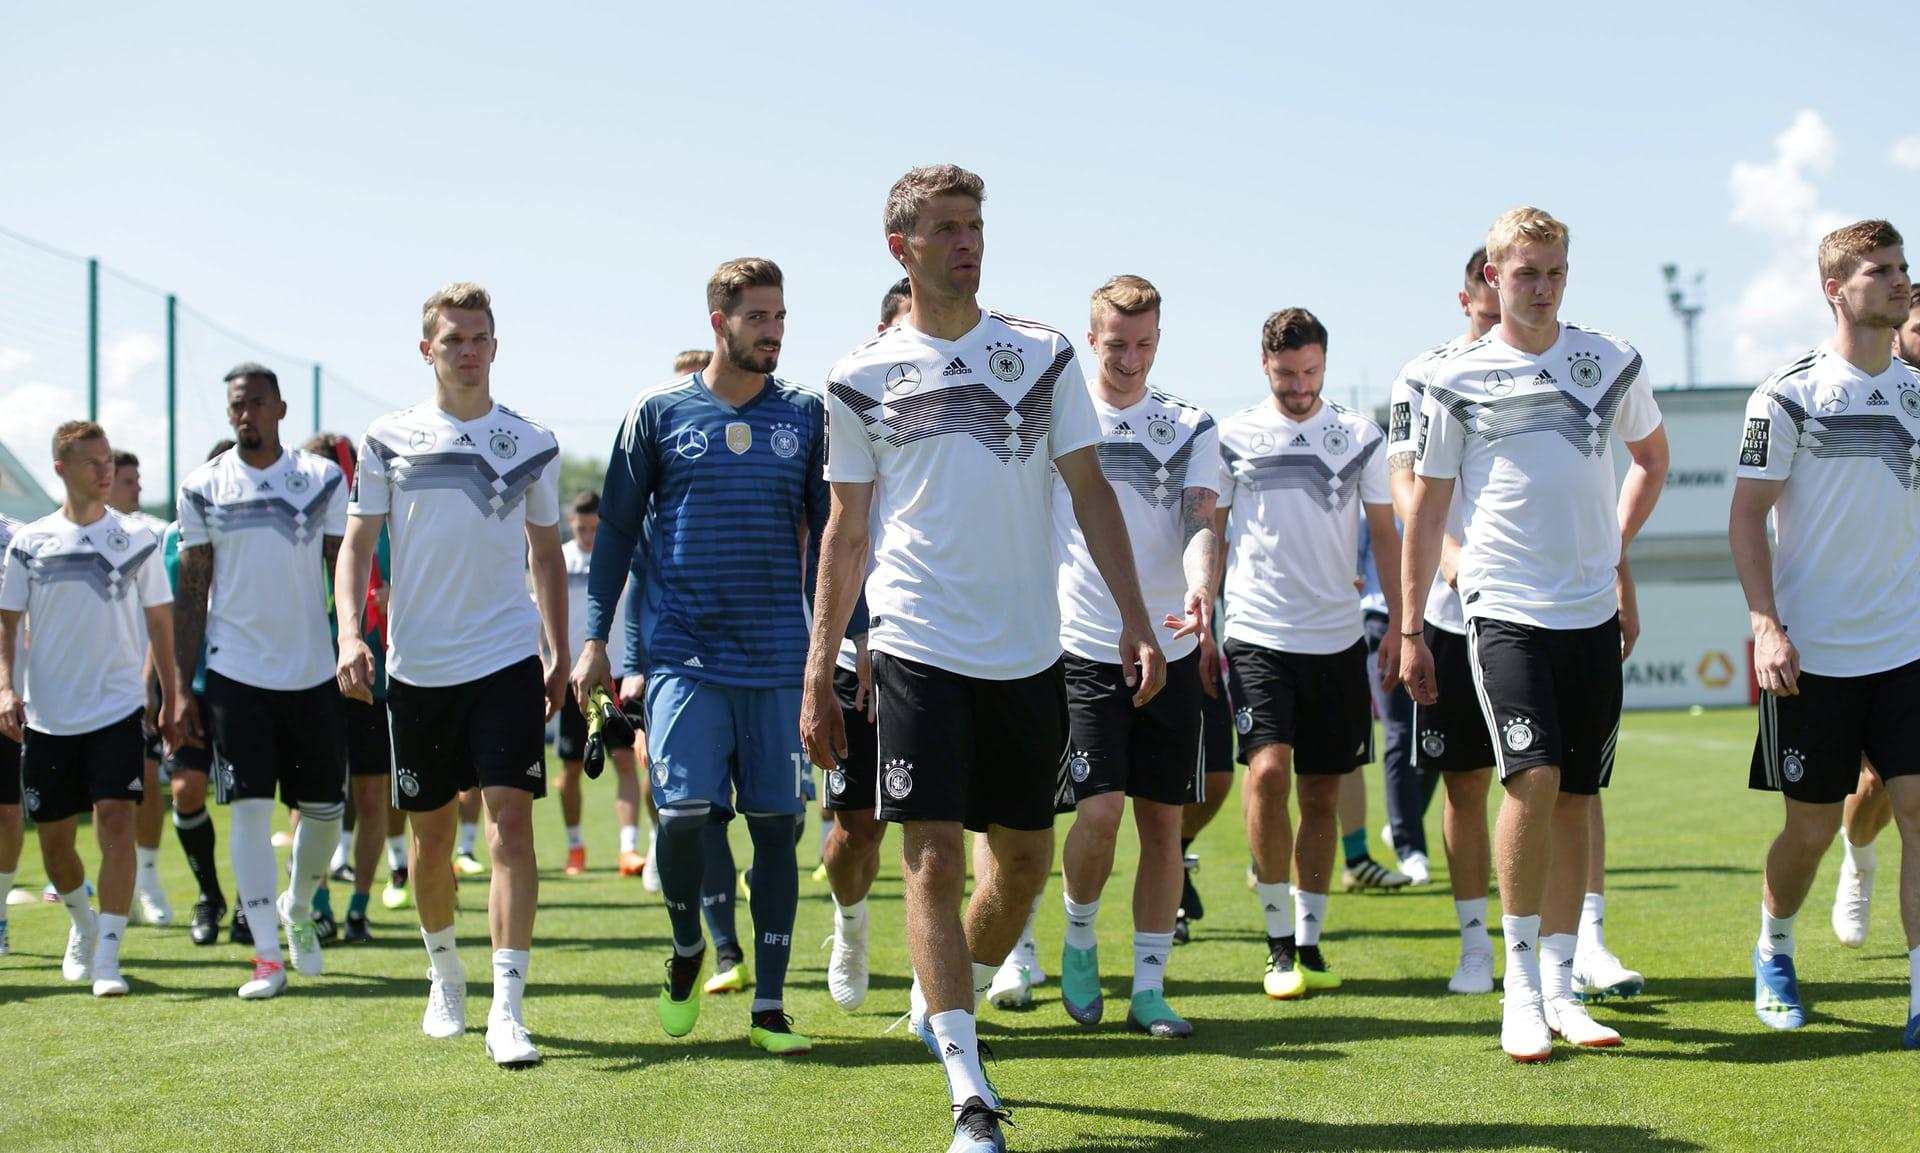 ألمانيا تتعهد برد الاعتبار بعد الهزيمة أمام المكسيك في كأس العالم1